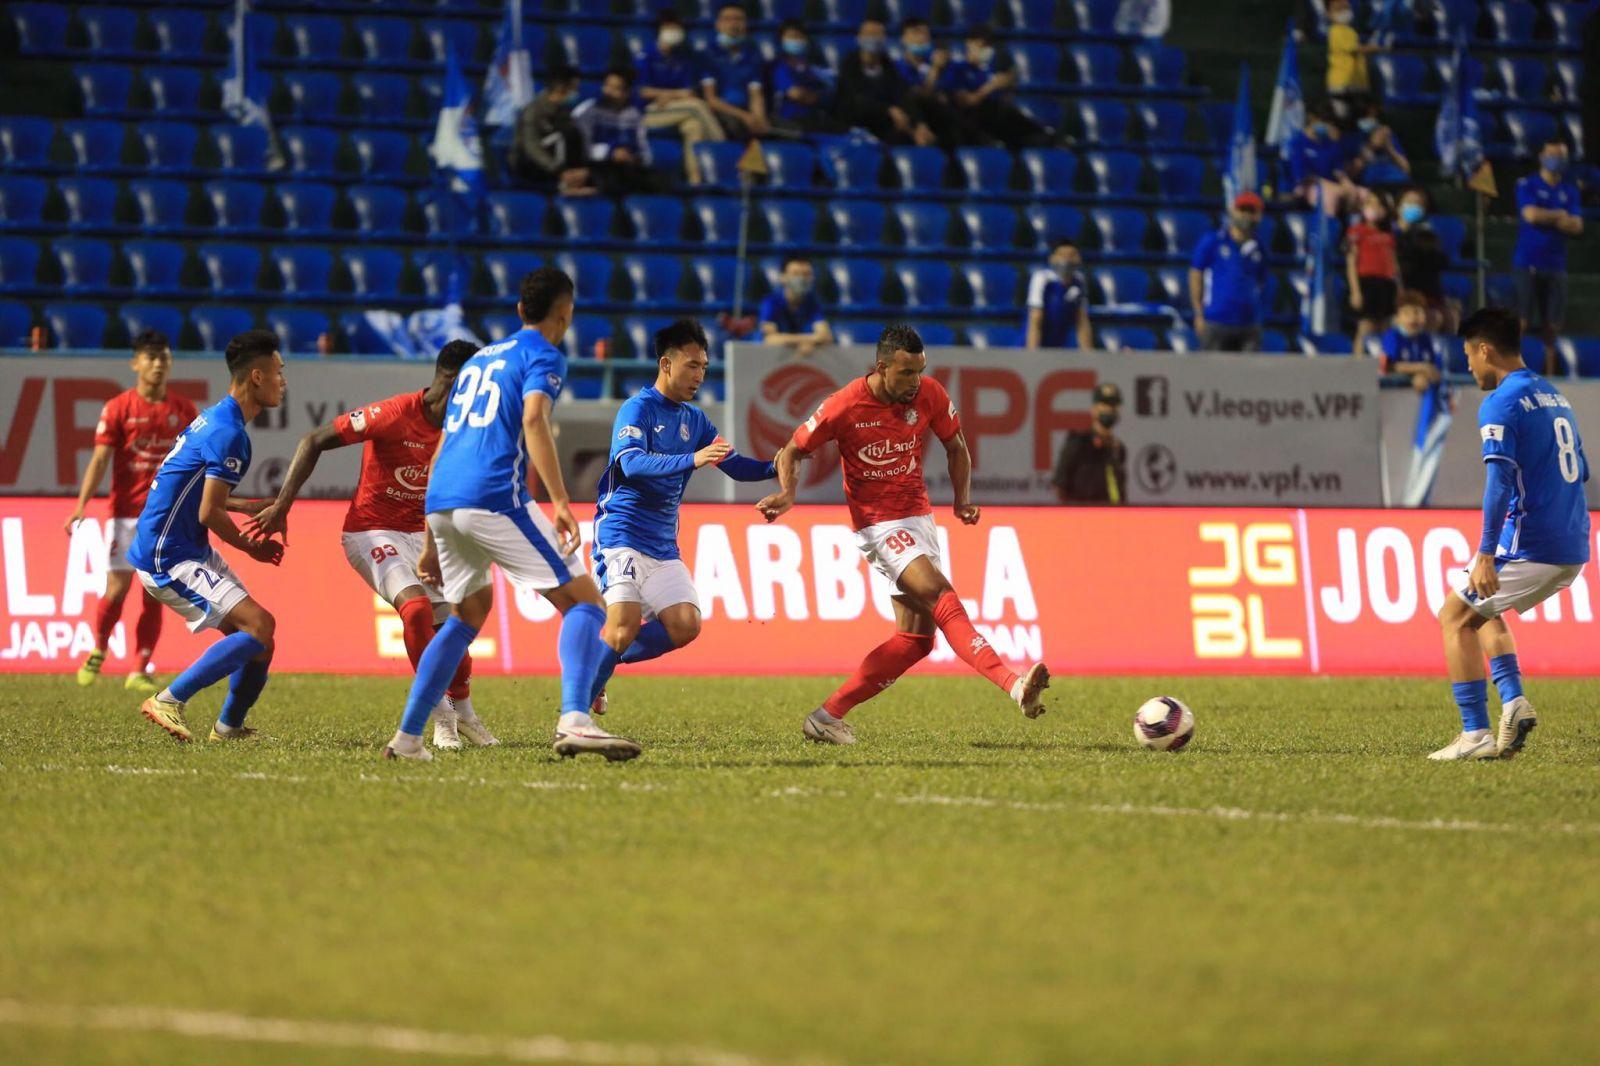 Dario bỏ lỡ những cơ hội ngon ăn ghi bàn gỡ cho TP.HCM